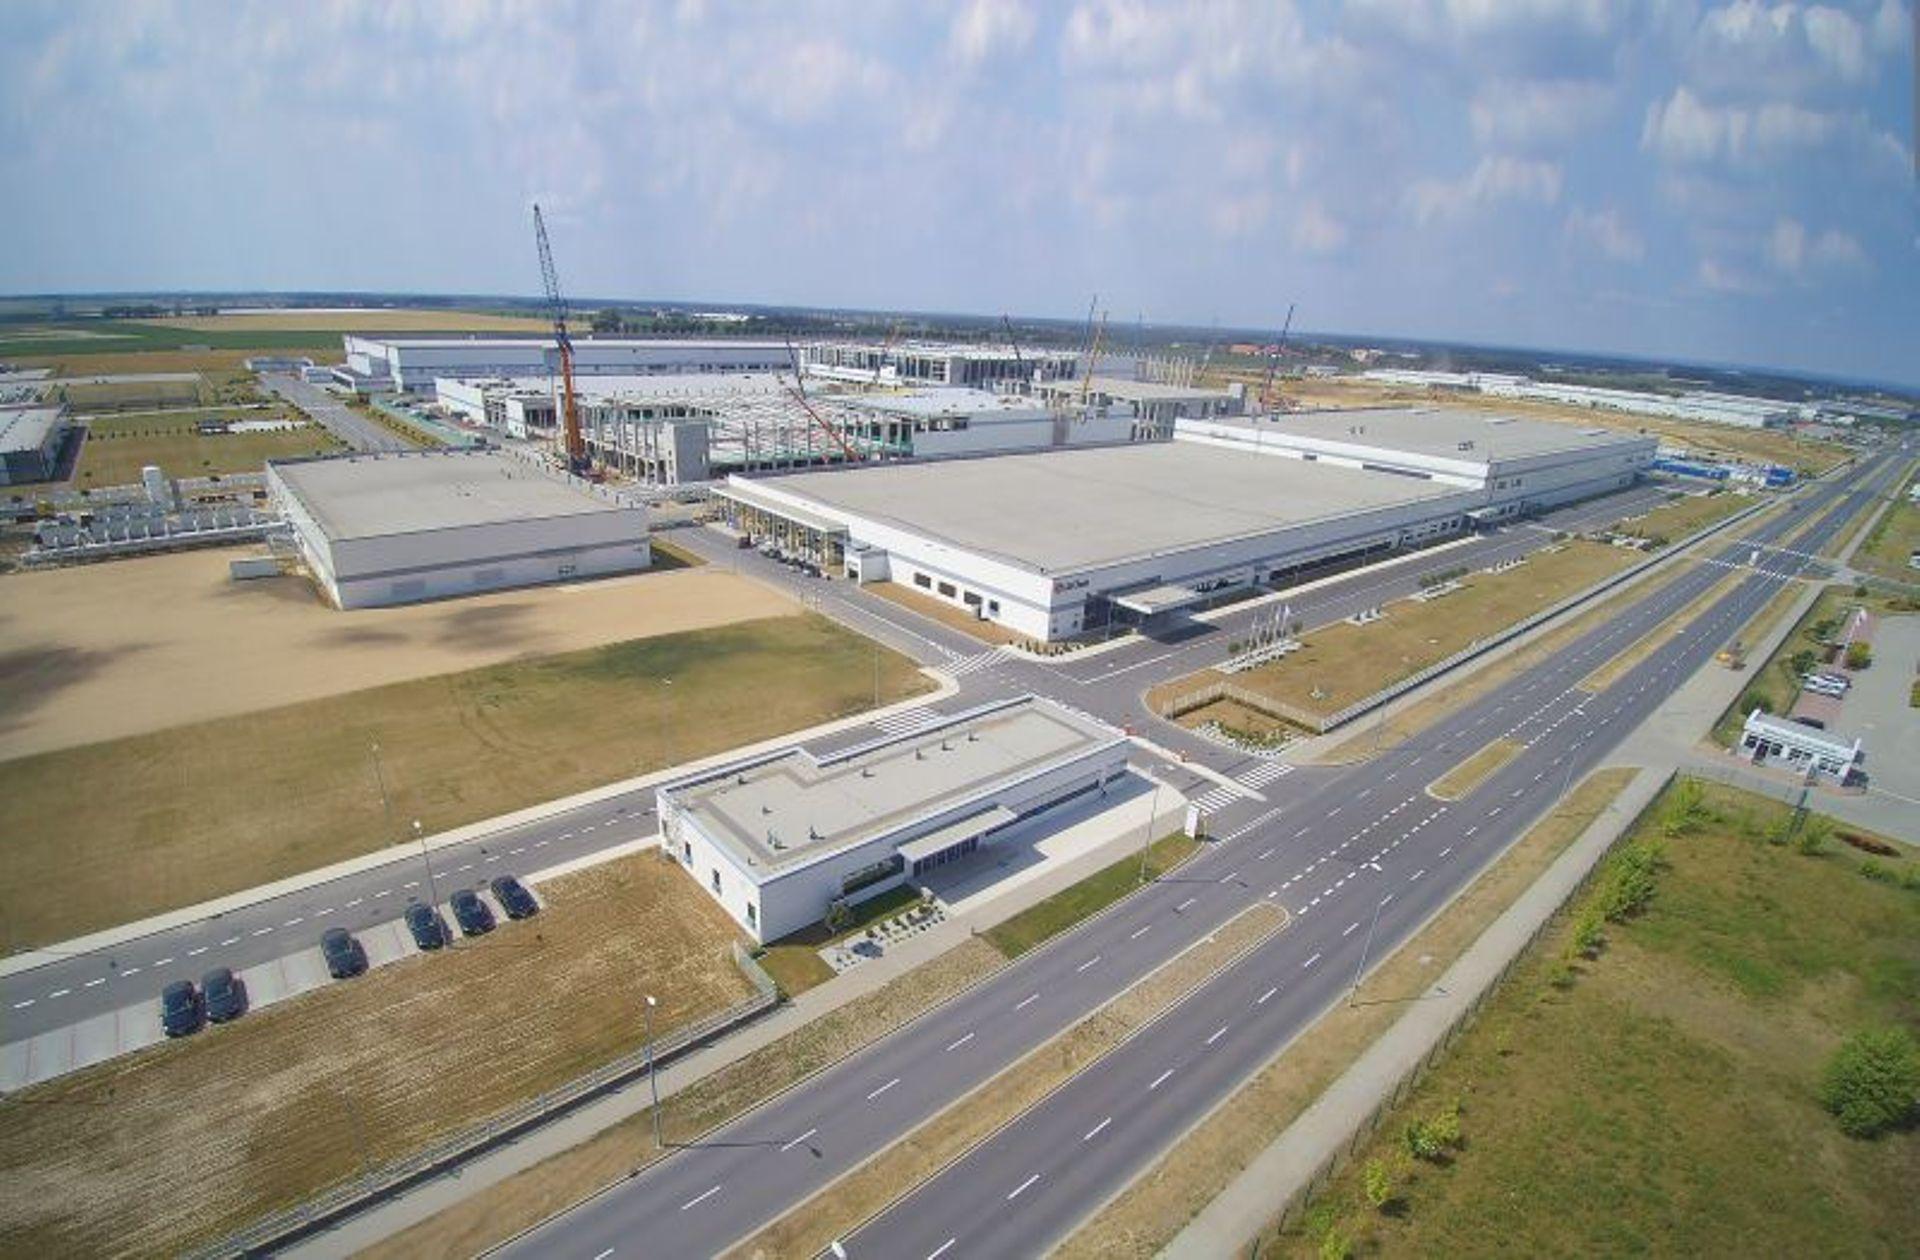 Dolny Śląsk: LG Chem Energy zainwestuje kolejne 579 mln dolarów. Znamy szczegóły dotyczące nowej inwestycji tego koncernu w Polsce